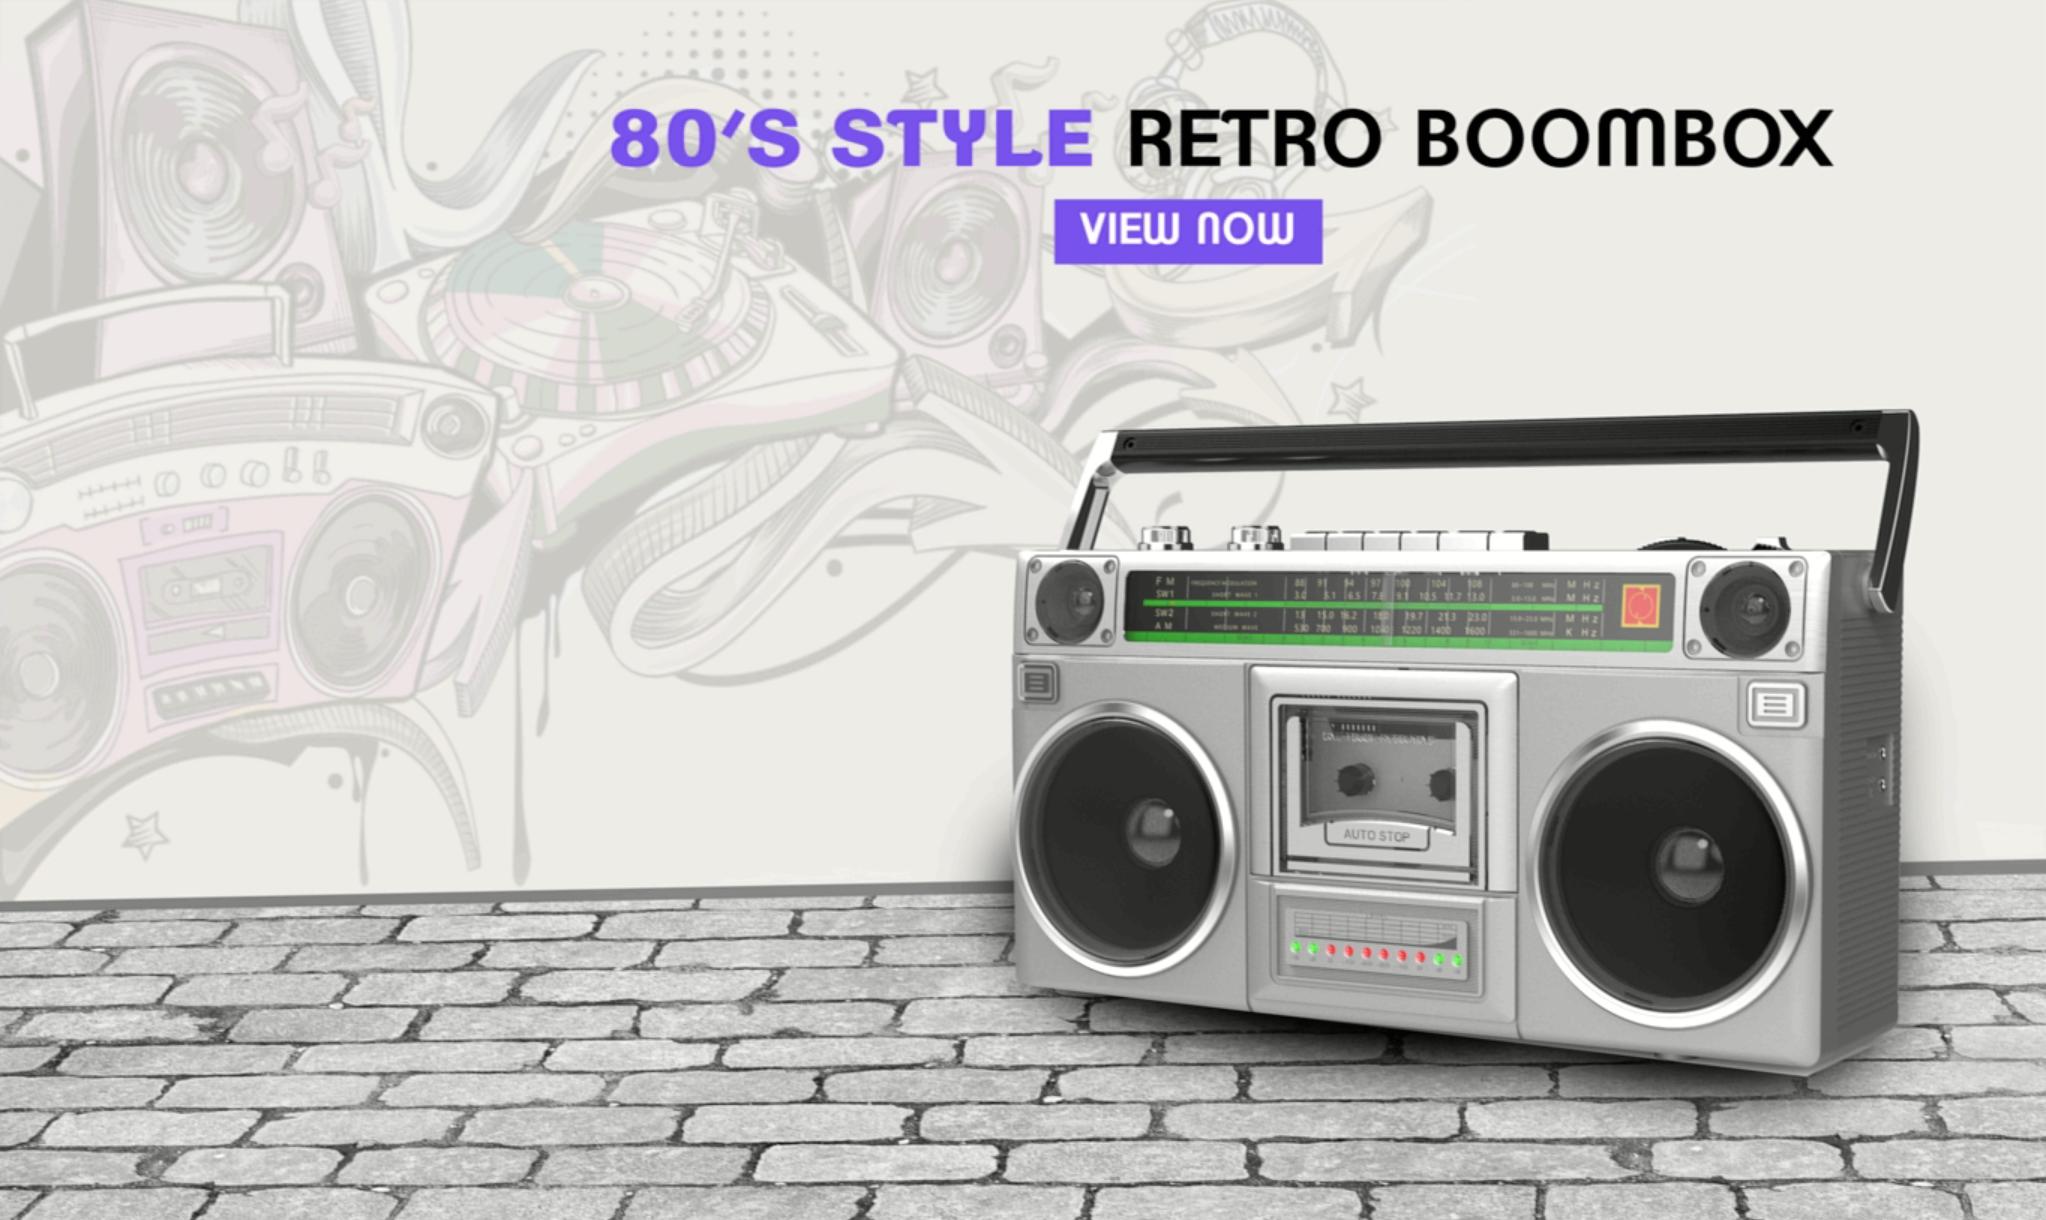 Riptunes Retro Boombox